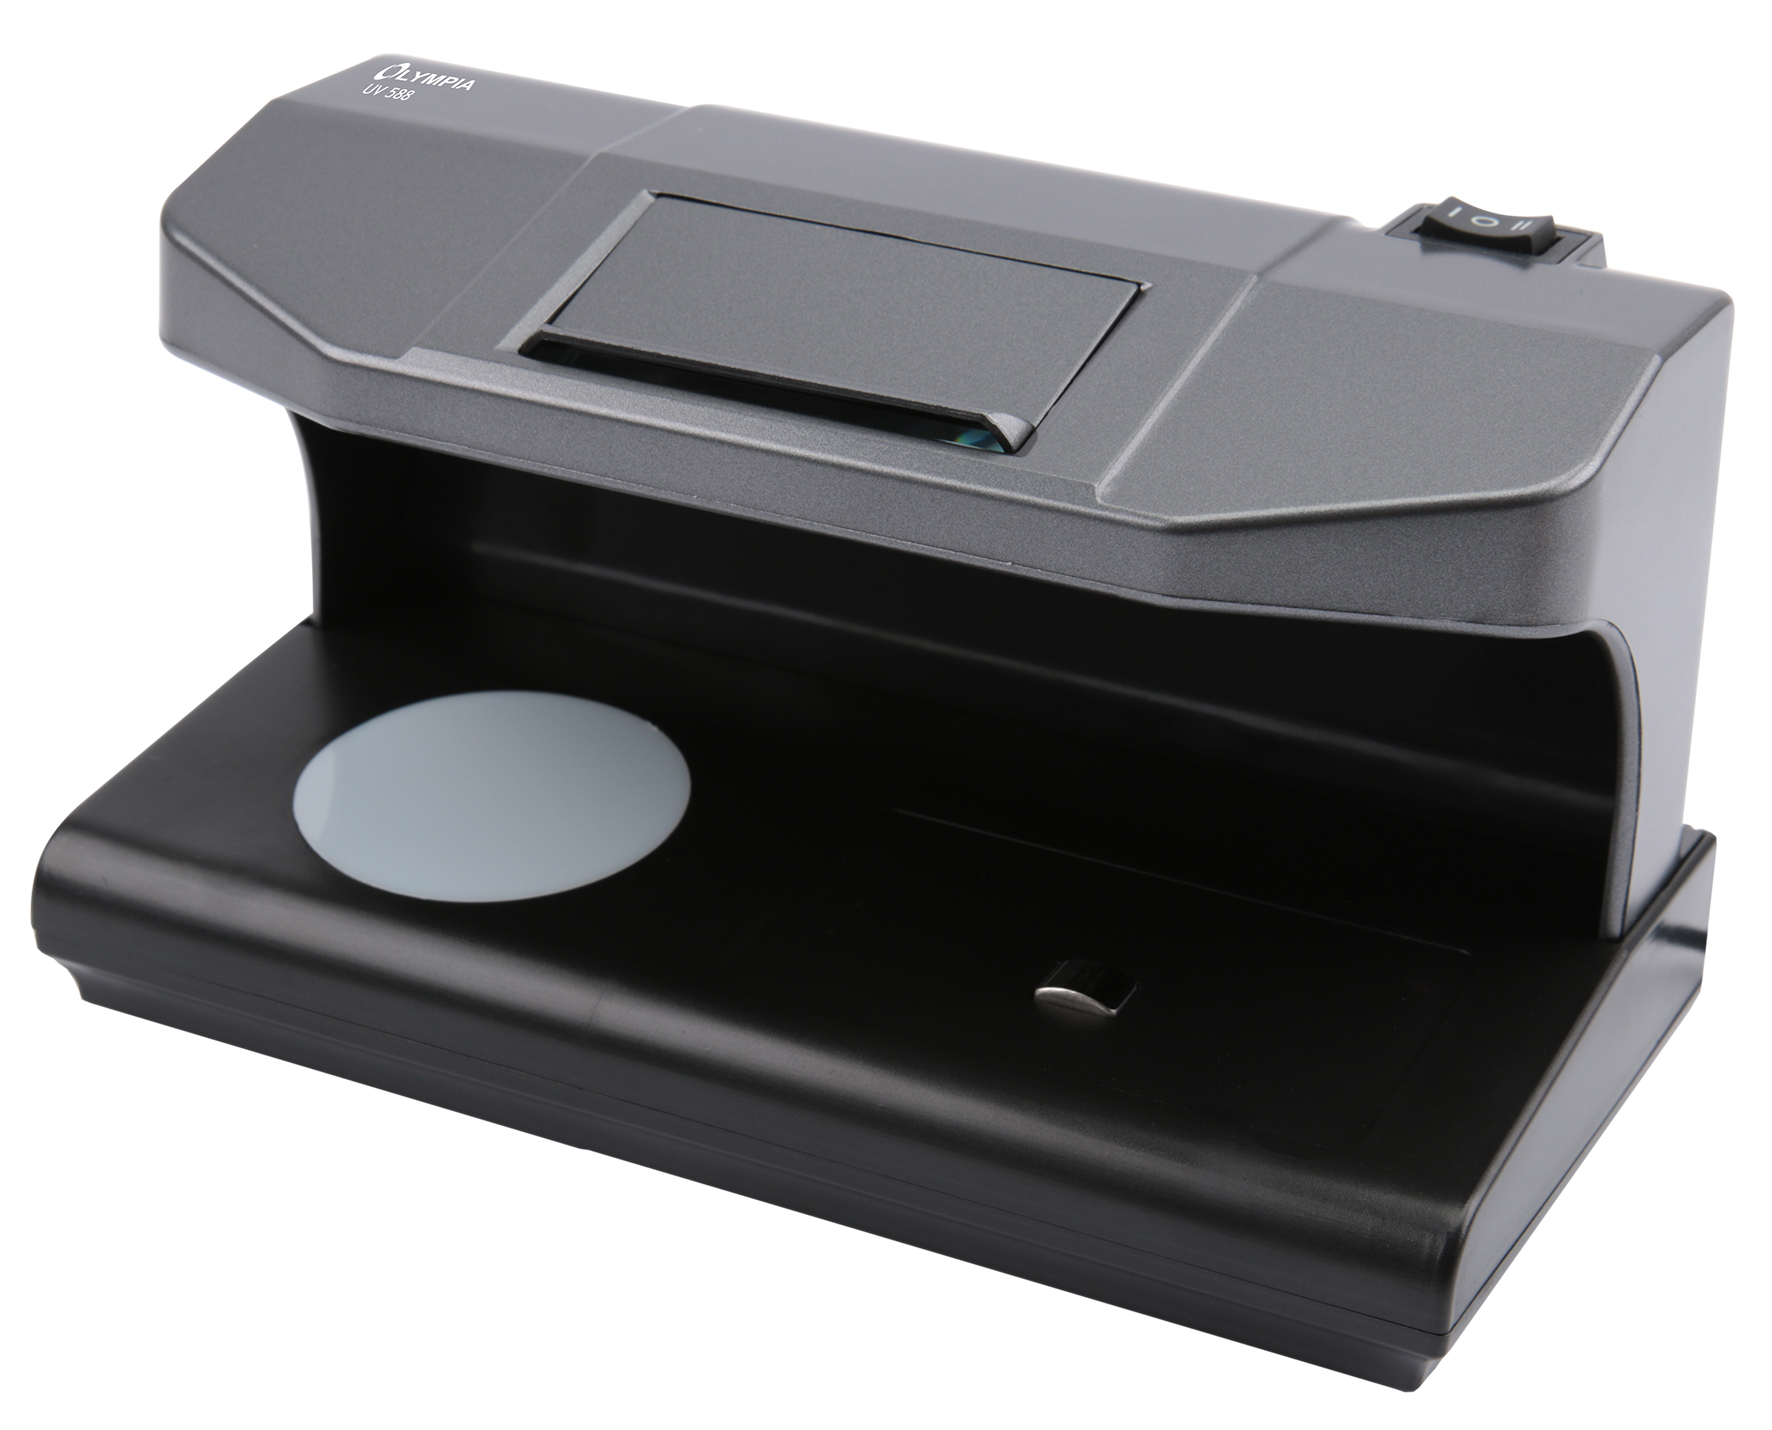 Olympia UV 588 - Geldscheinprüfer - Falschgelderkennung - Schwarz